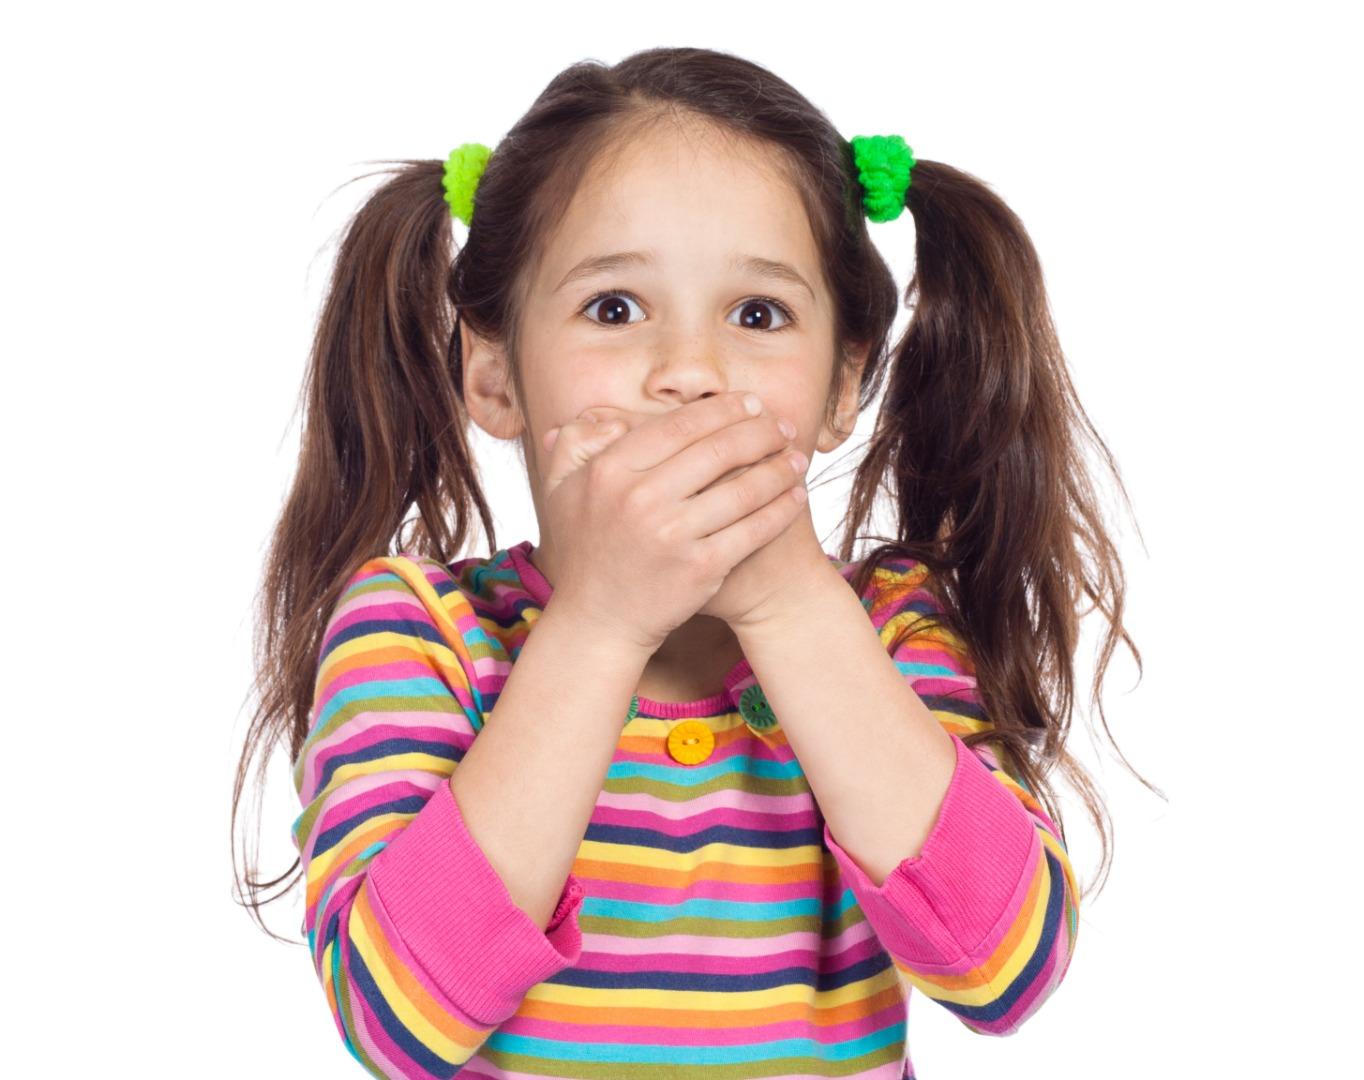 6 вопросов о гастроскопии у ребенка